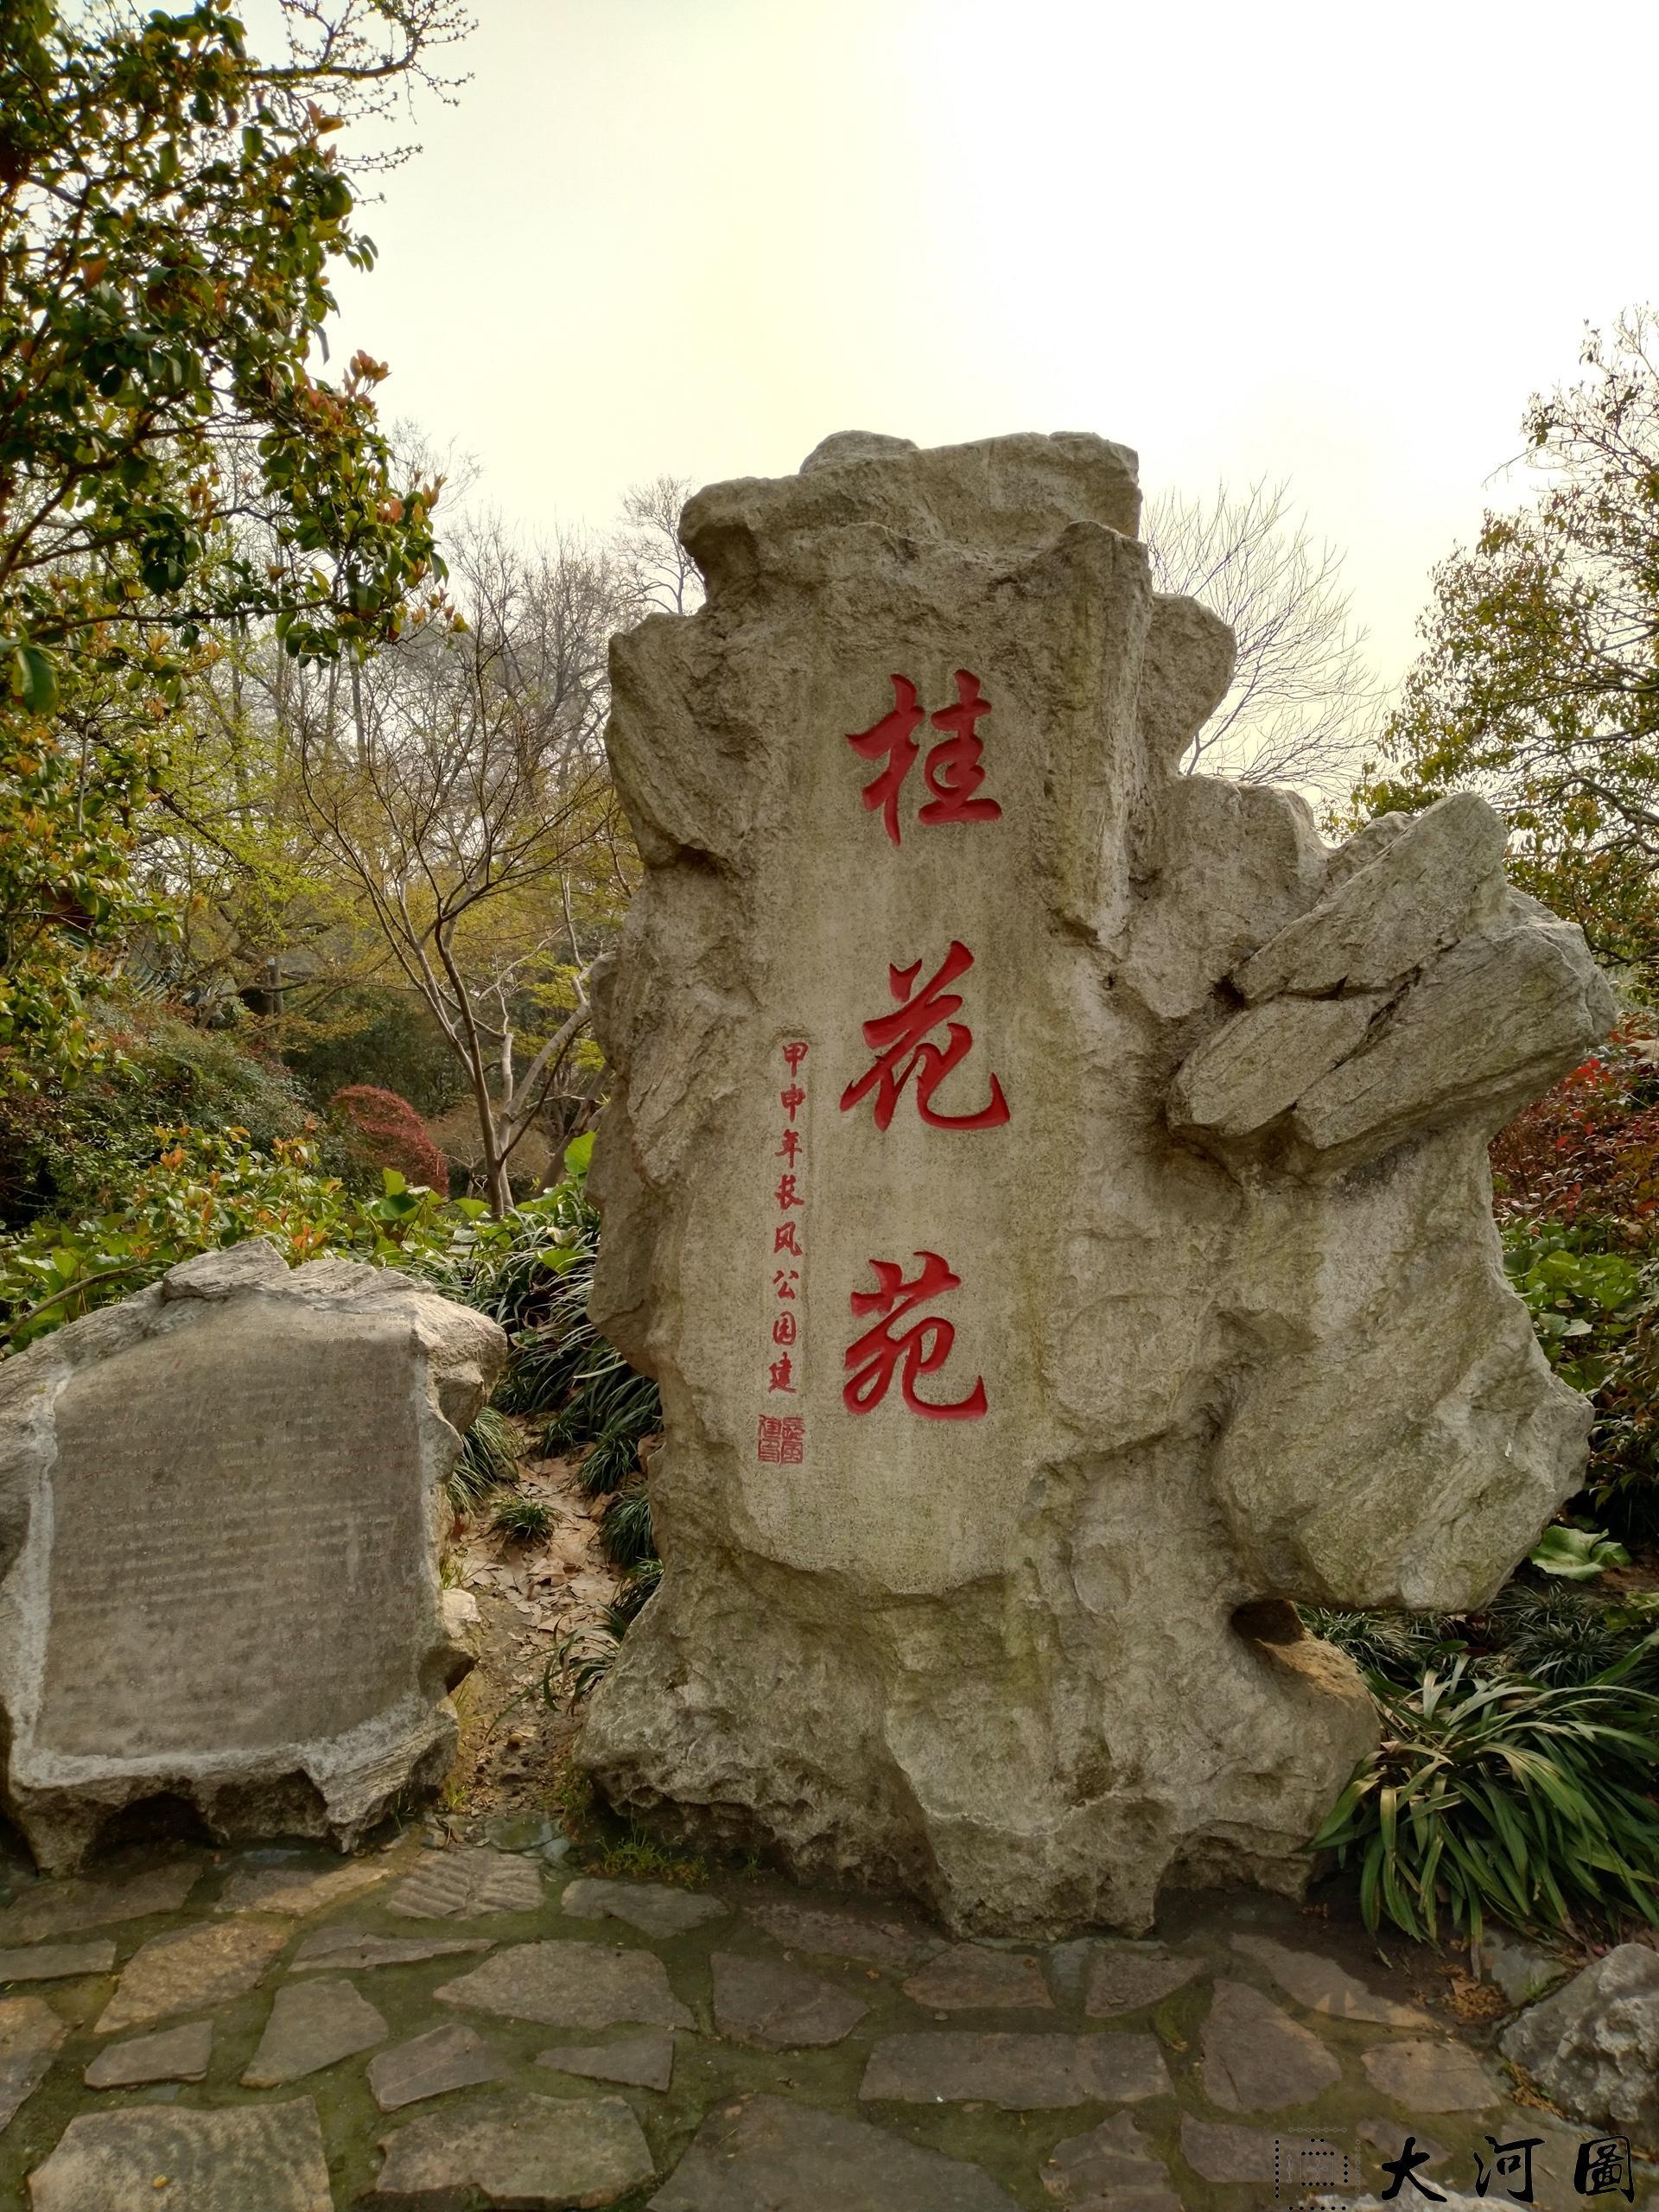 上海长风公园初春之景色幽暗灰沉 摄影 第14张